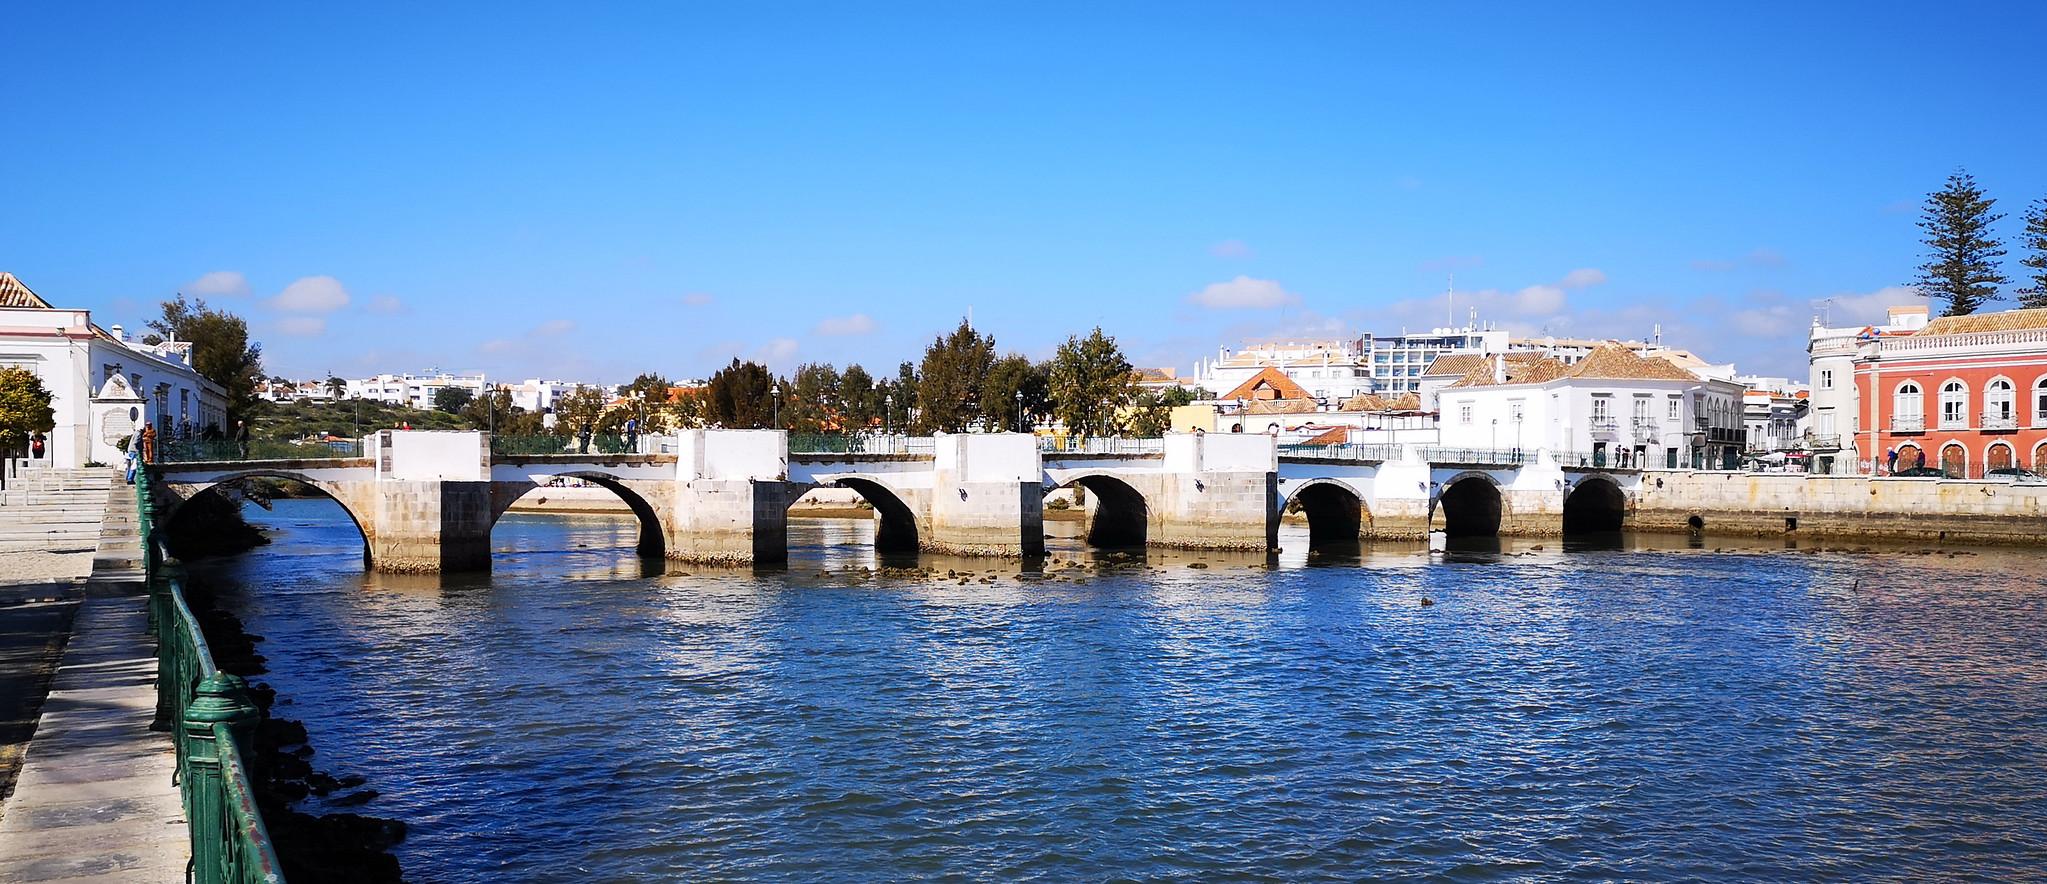 Río Gilao y Puente de Siete Arcos o Puente romano de Tavira Algarve Portugal